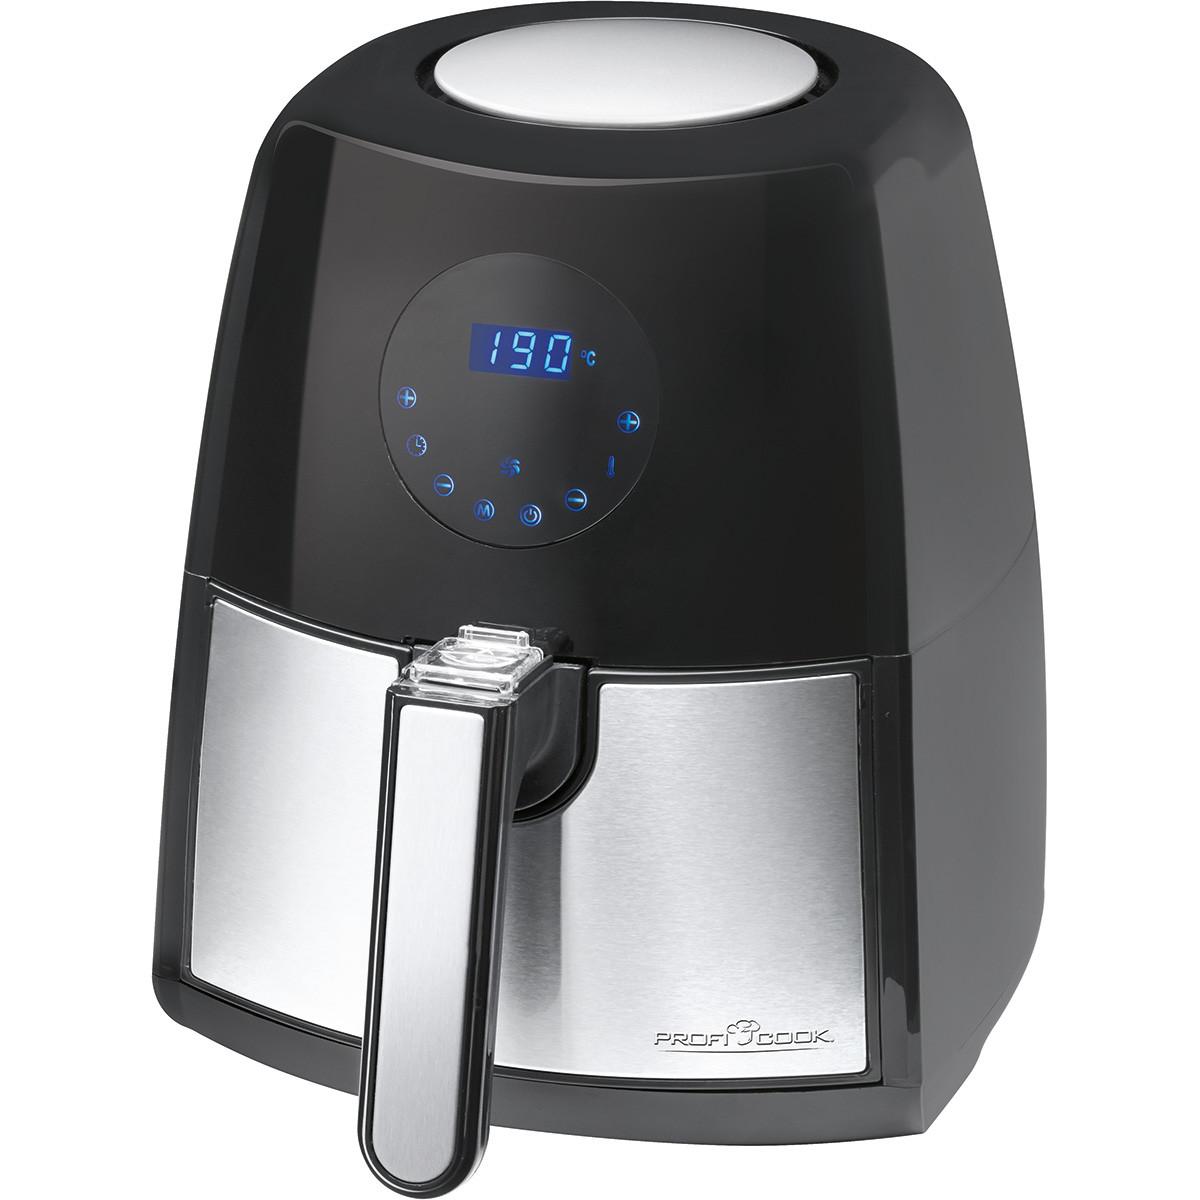 Proficook FR1147 - Freidora sin aceite por aire caliente, capacidad 2,5 l, termostato y temporizador 60 min, 1500W